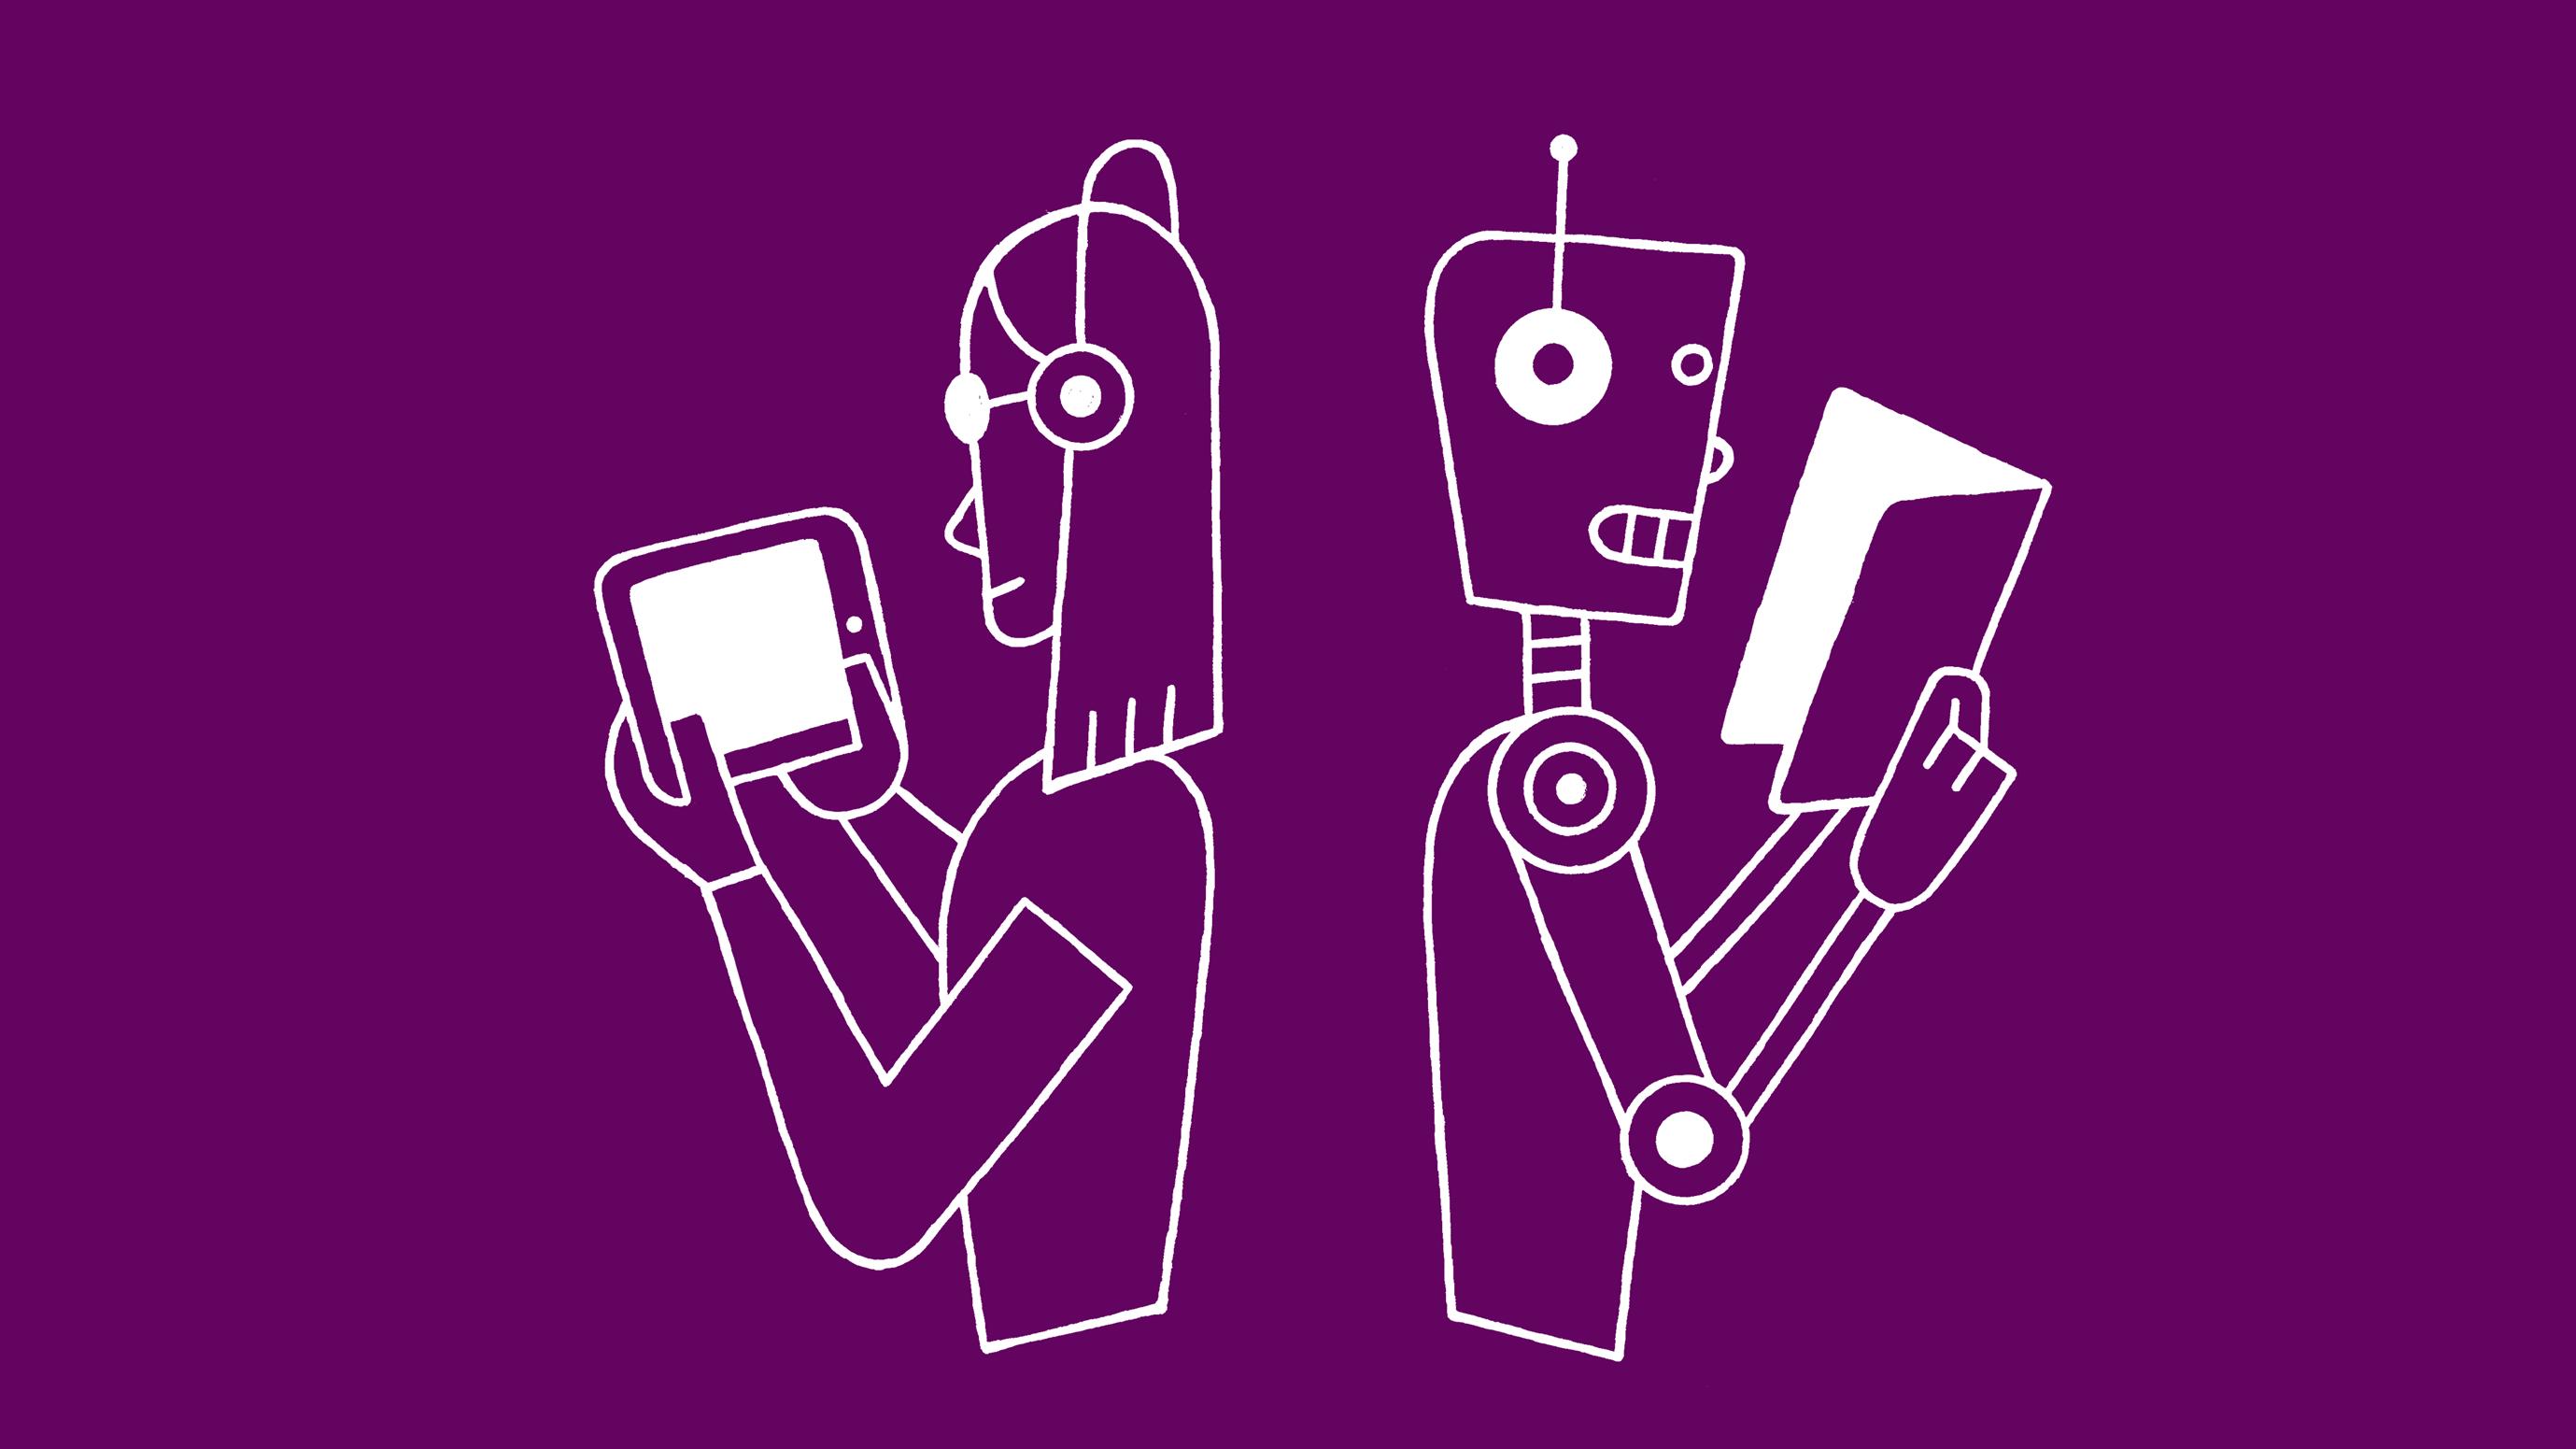 AIとの付き合い方は小説に学べ! いま押さえておきたいSF作品6つ